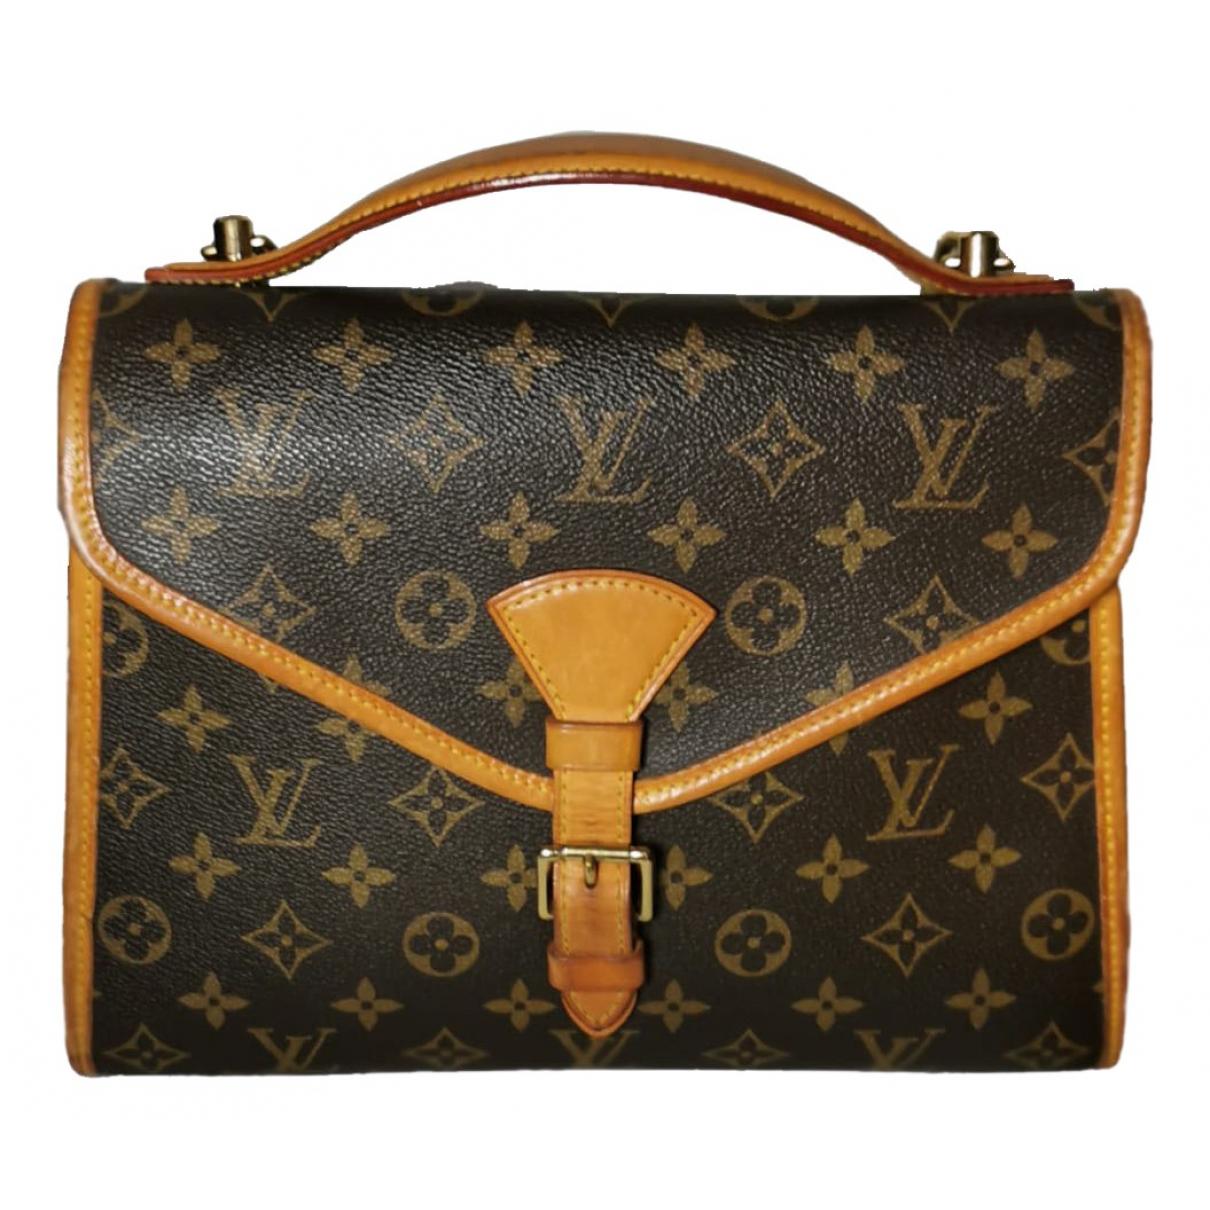 Louis Vuitton - Sac a main Bel Air pour femme en toile - marron